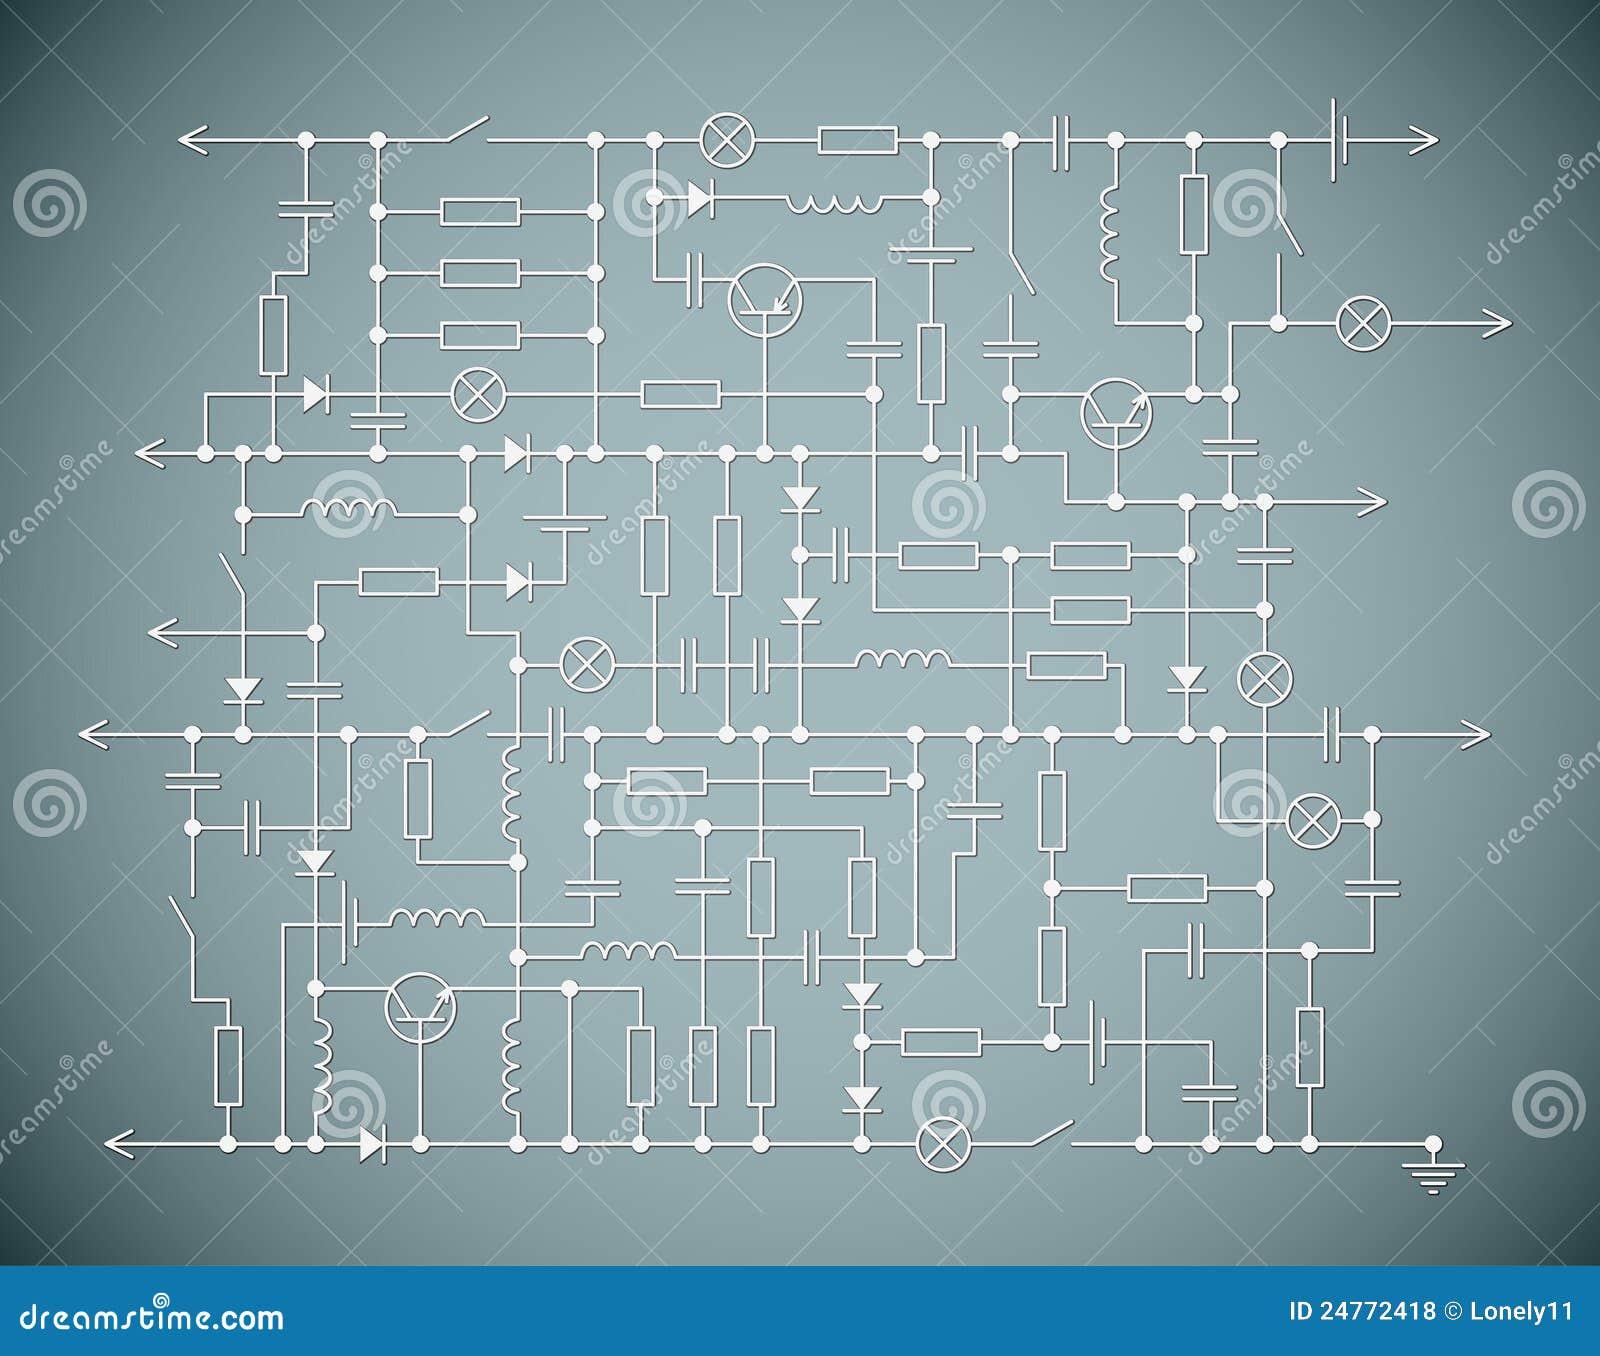 Schema Elettrico : Lo schema elettrico illustrazione vettoriale illustrazione di